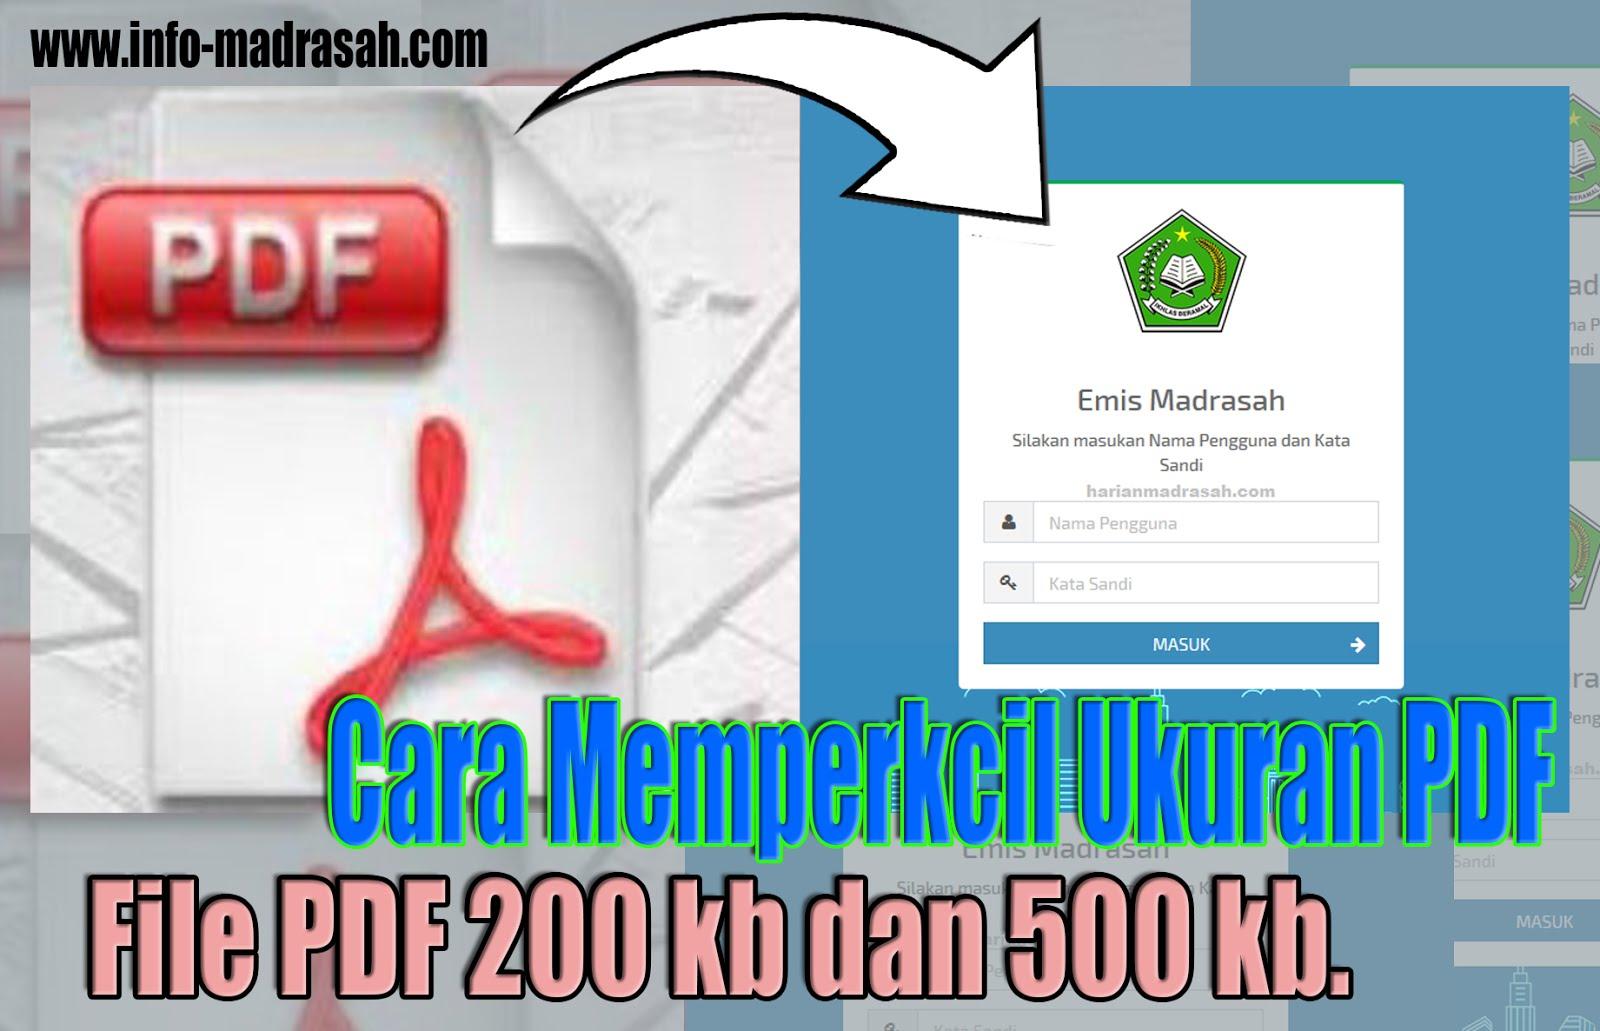 Cara Memperkecil Ukuran File Pdf 200 Kb Untuk Emis Online Info Madrasah